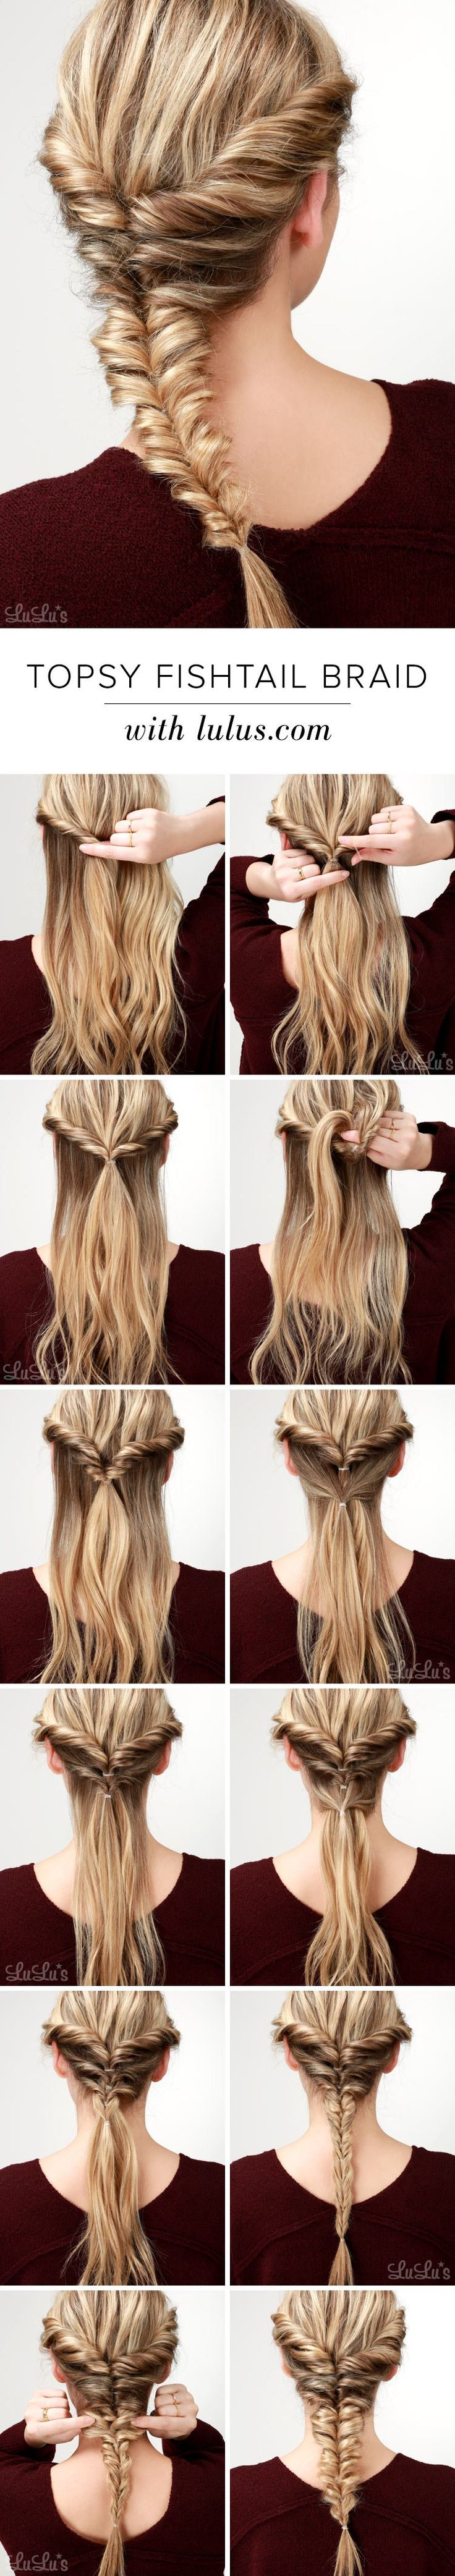 766 best Hair images on Pinterest